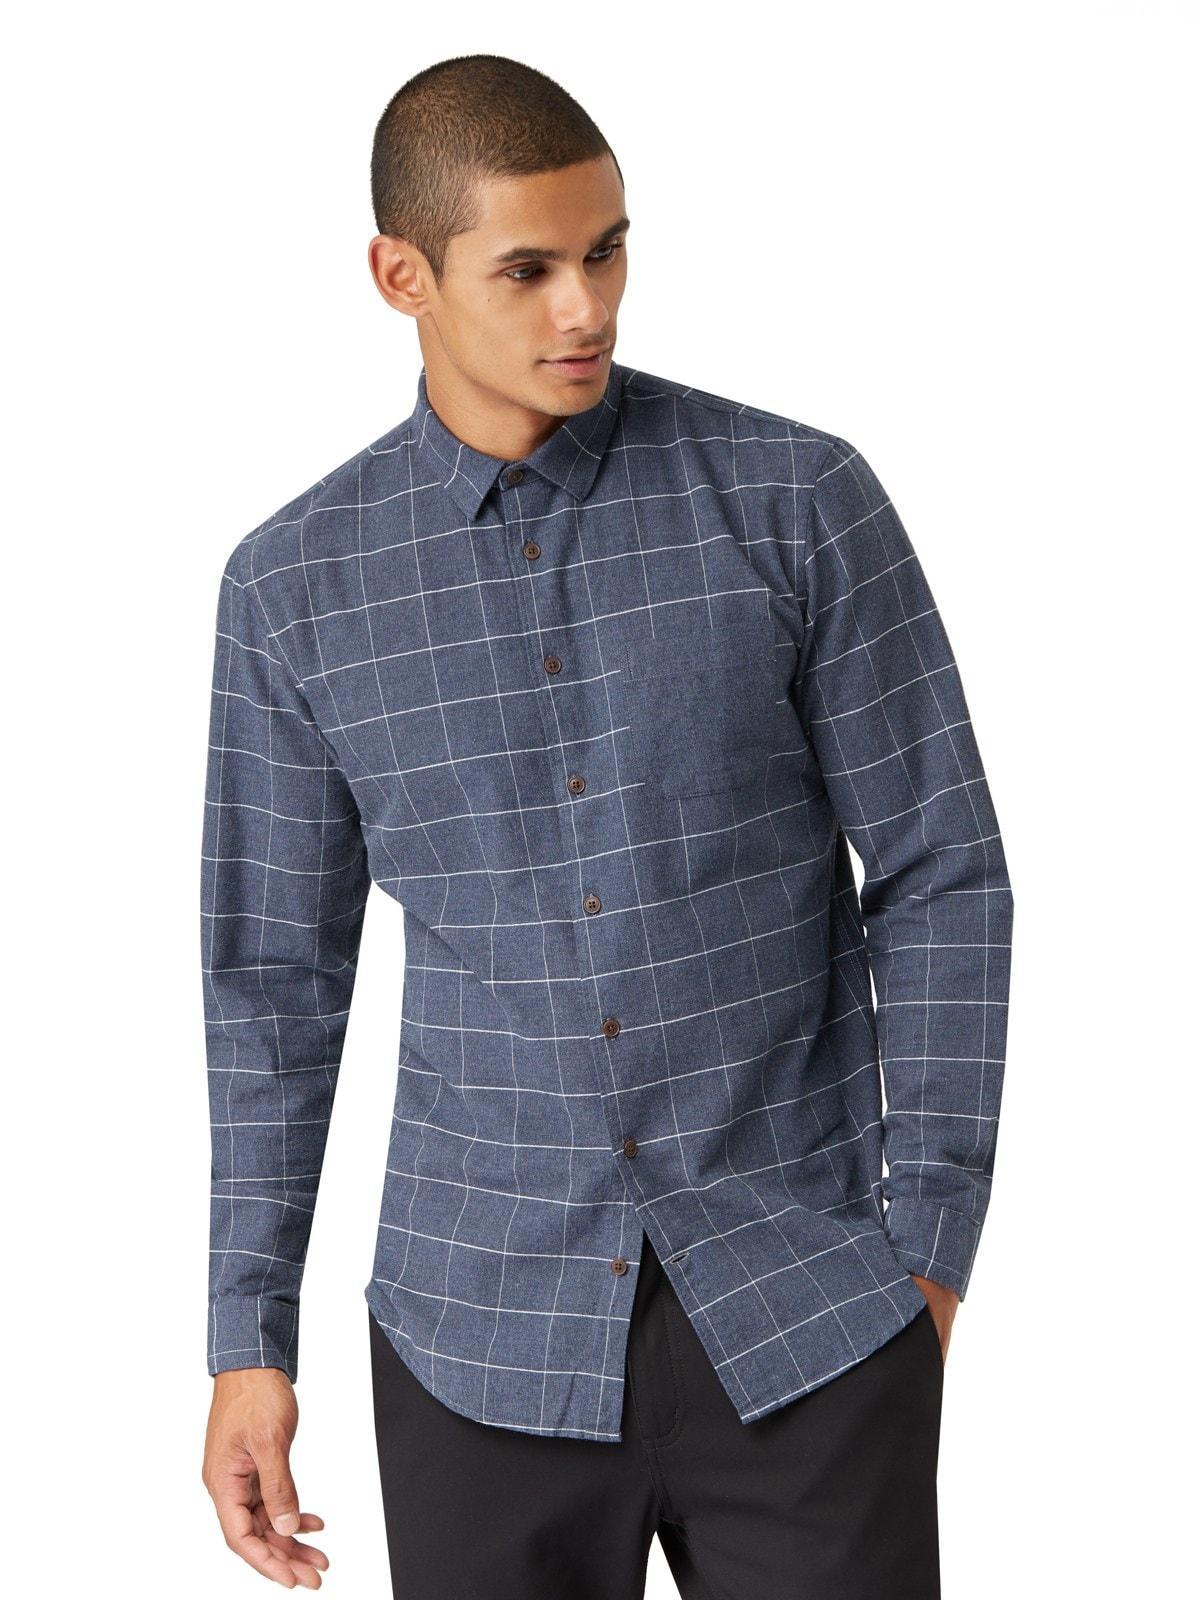 Frank oak elbow patch windowpane flannel shirt in navy for Mens flannel shirt with elbow patches